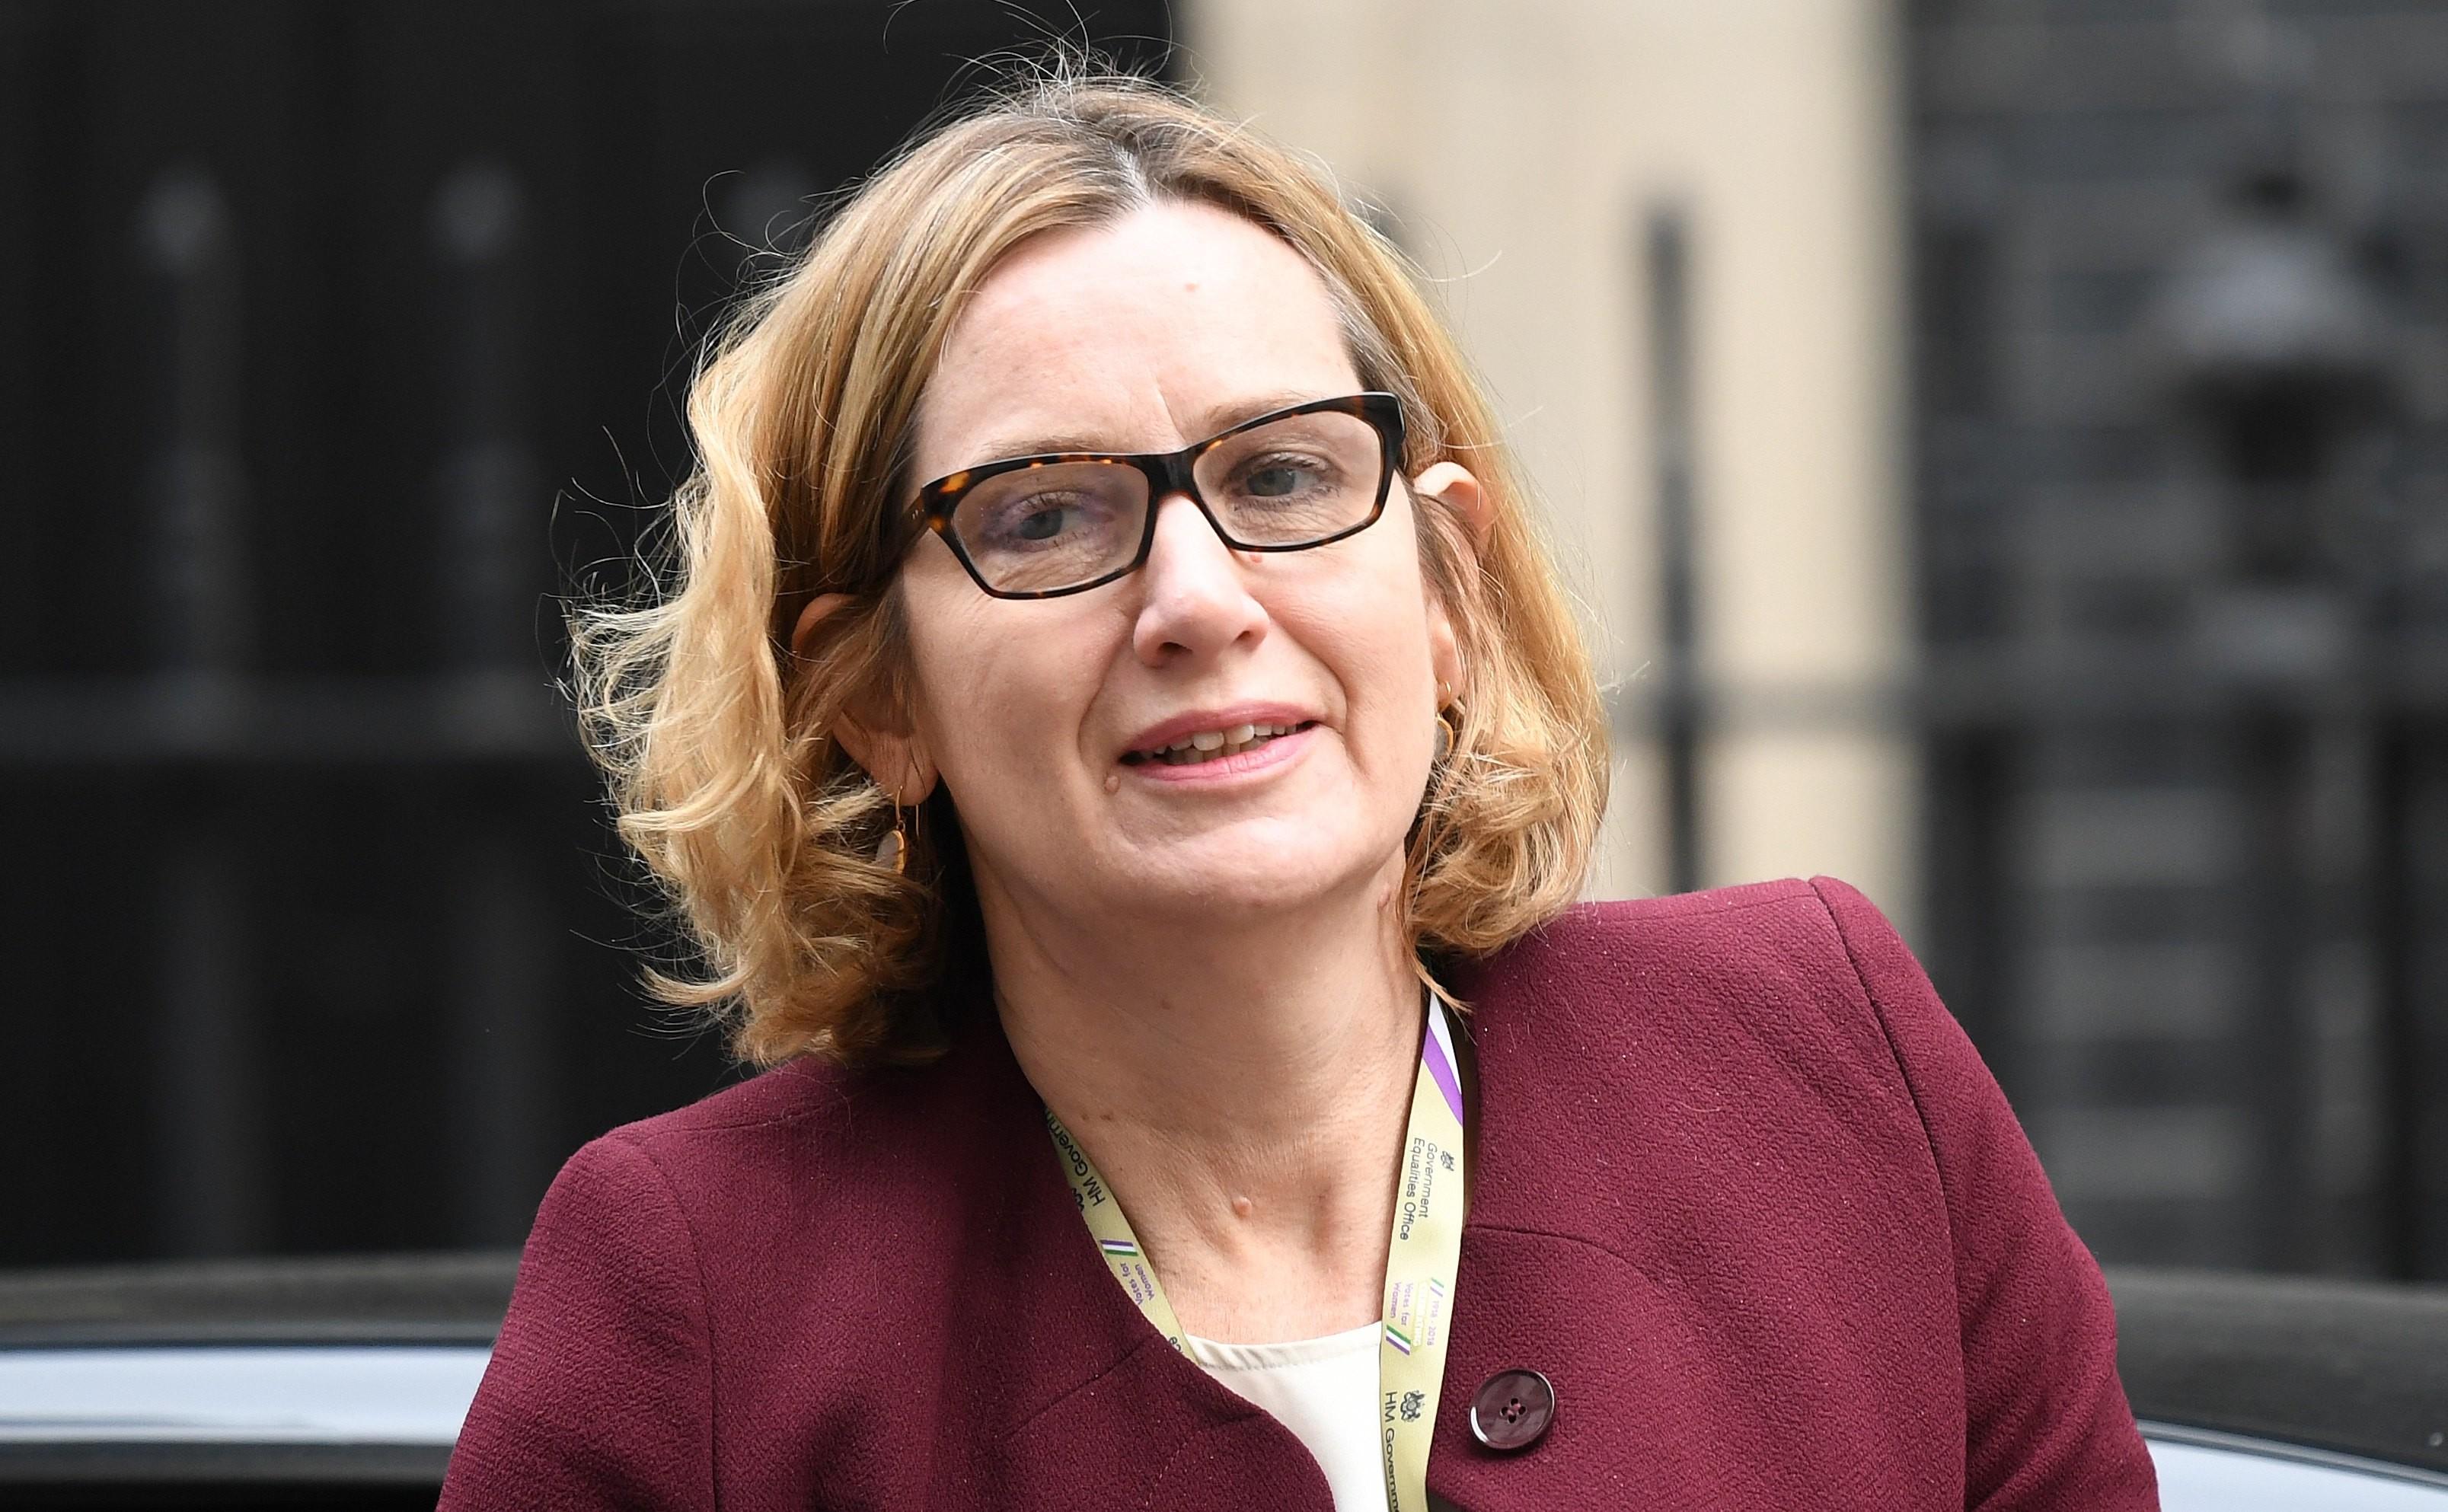 Ministrul britanic de Interne a demisionat după criticile opoziției privind criza imigranților din Caraibe